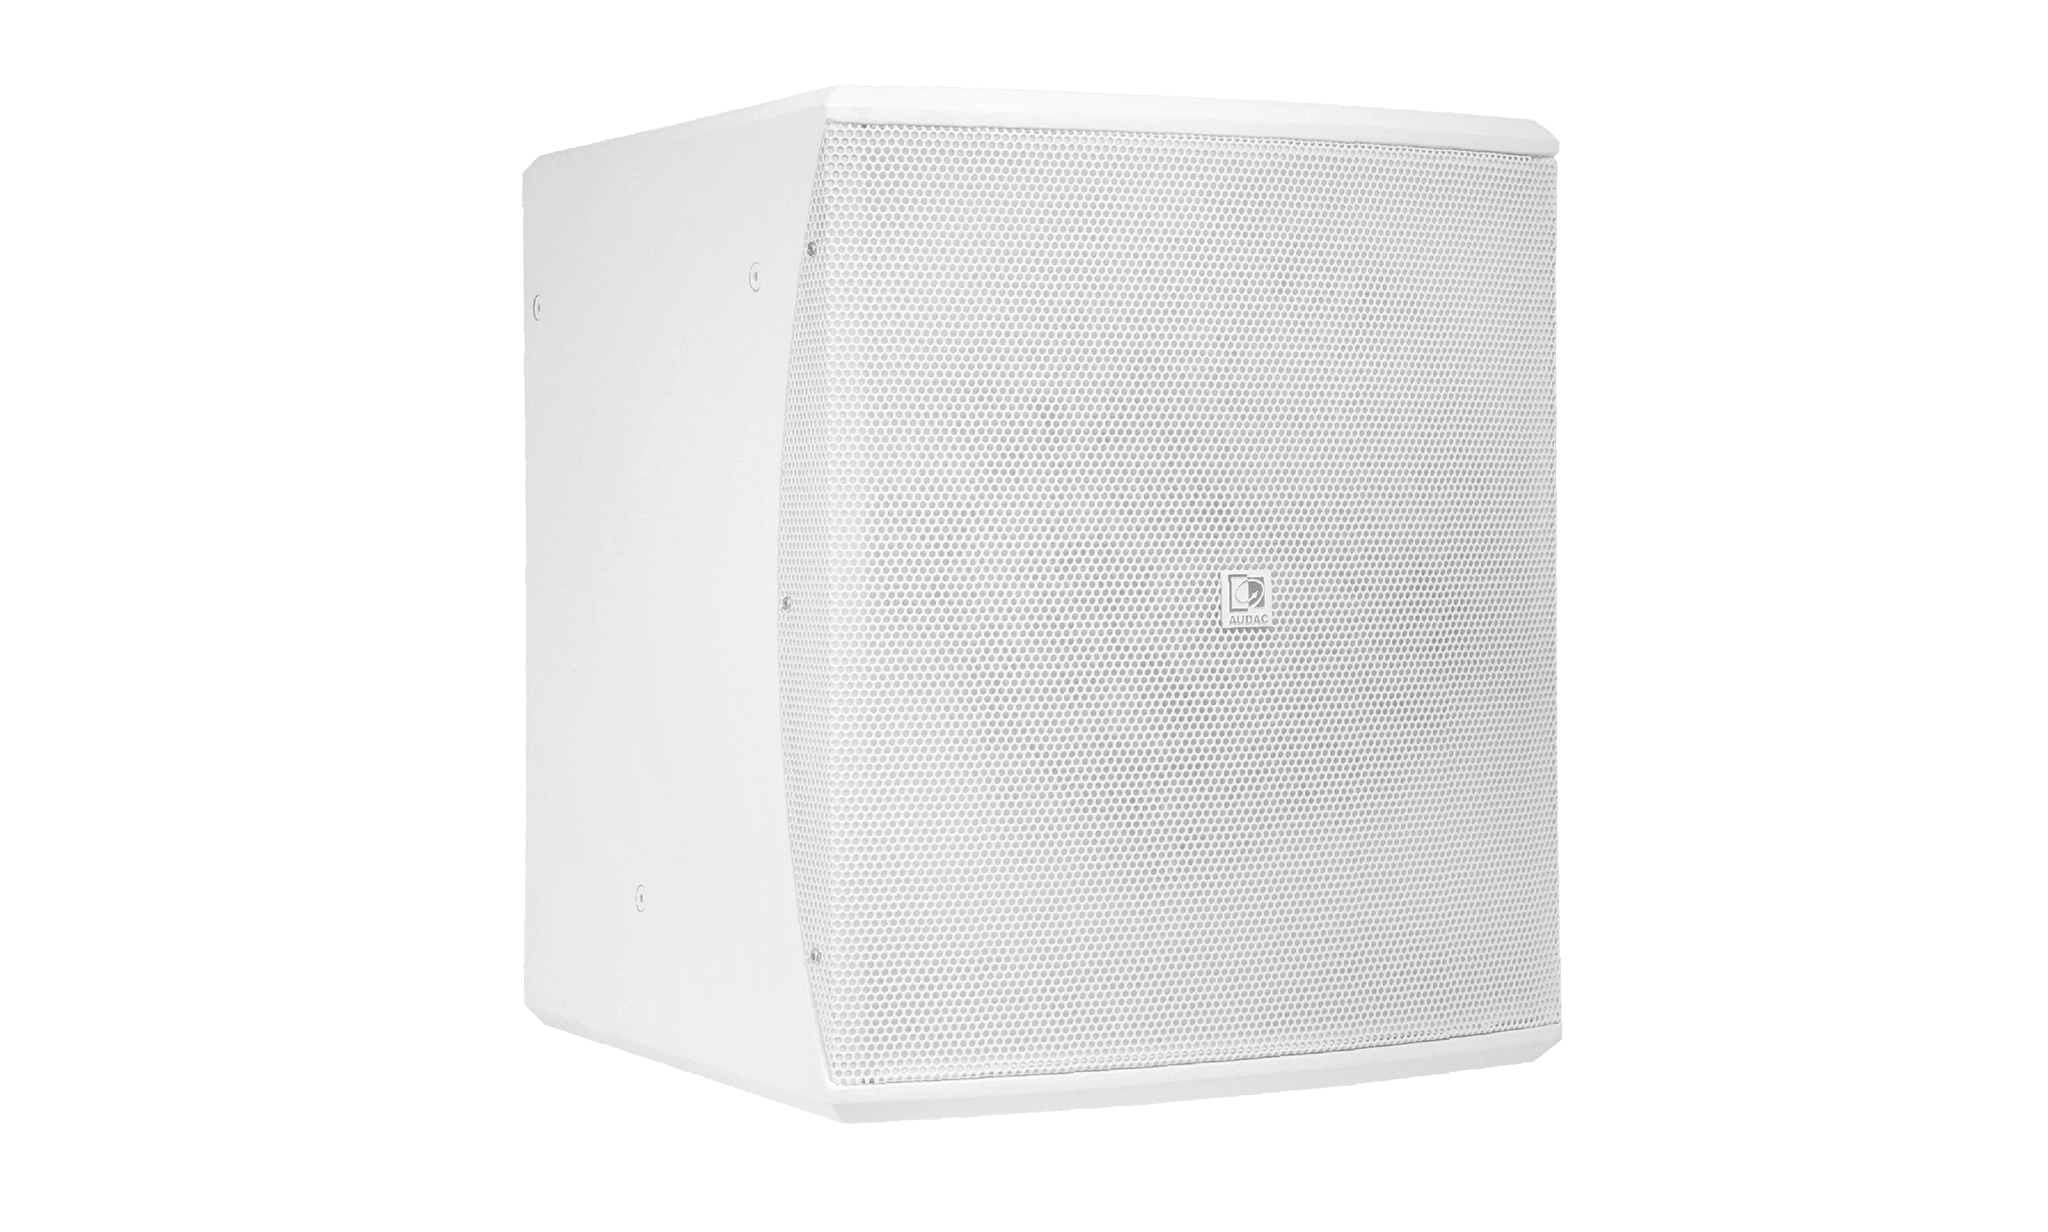 BASO10/W - White version